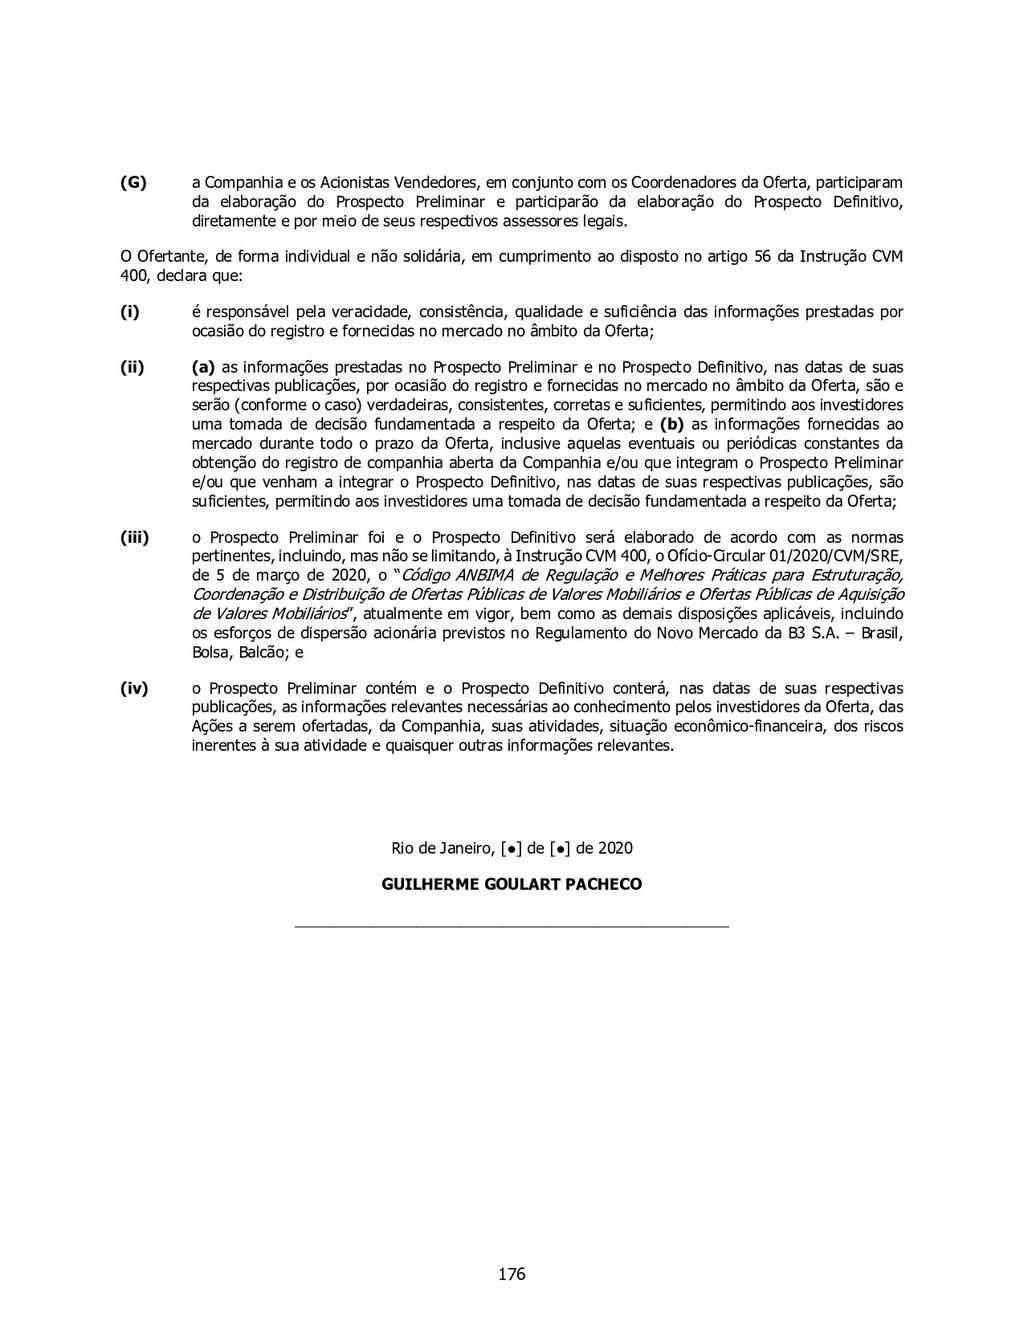 (G) a Companhia e os Acionistas Vendedores, em ...